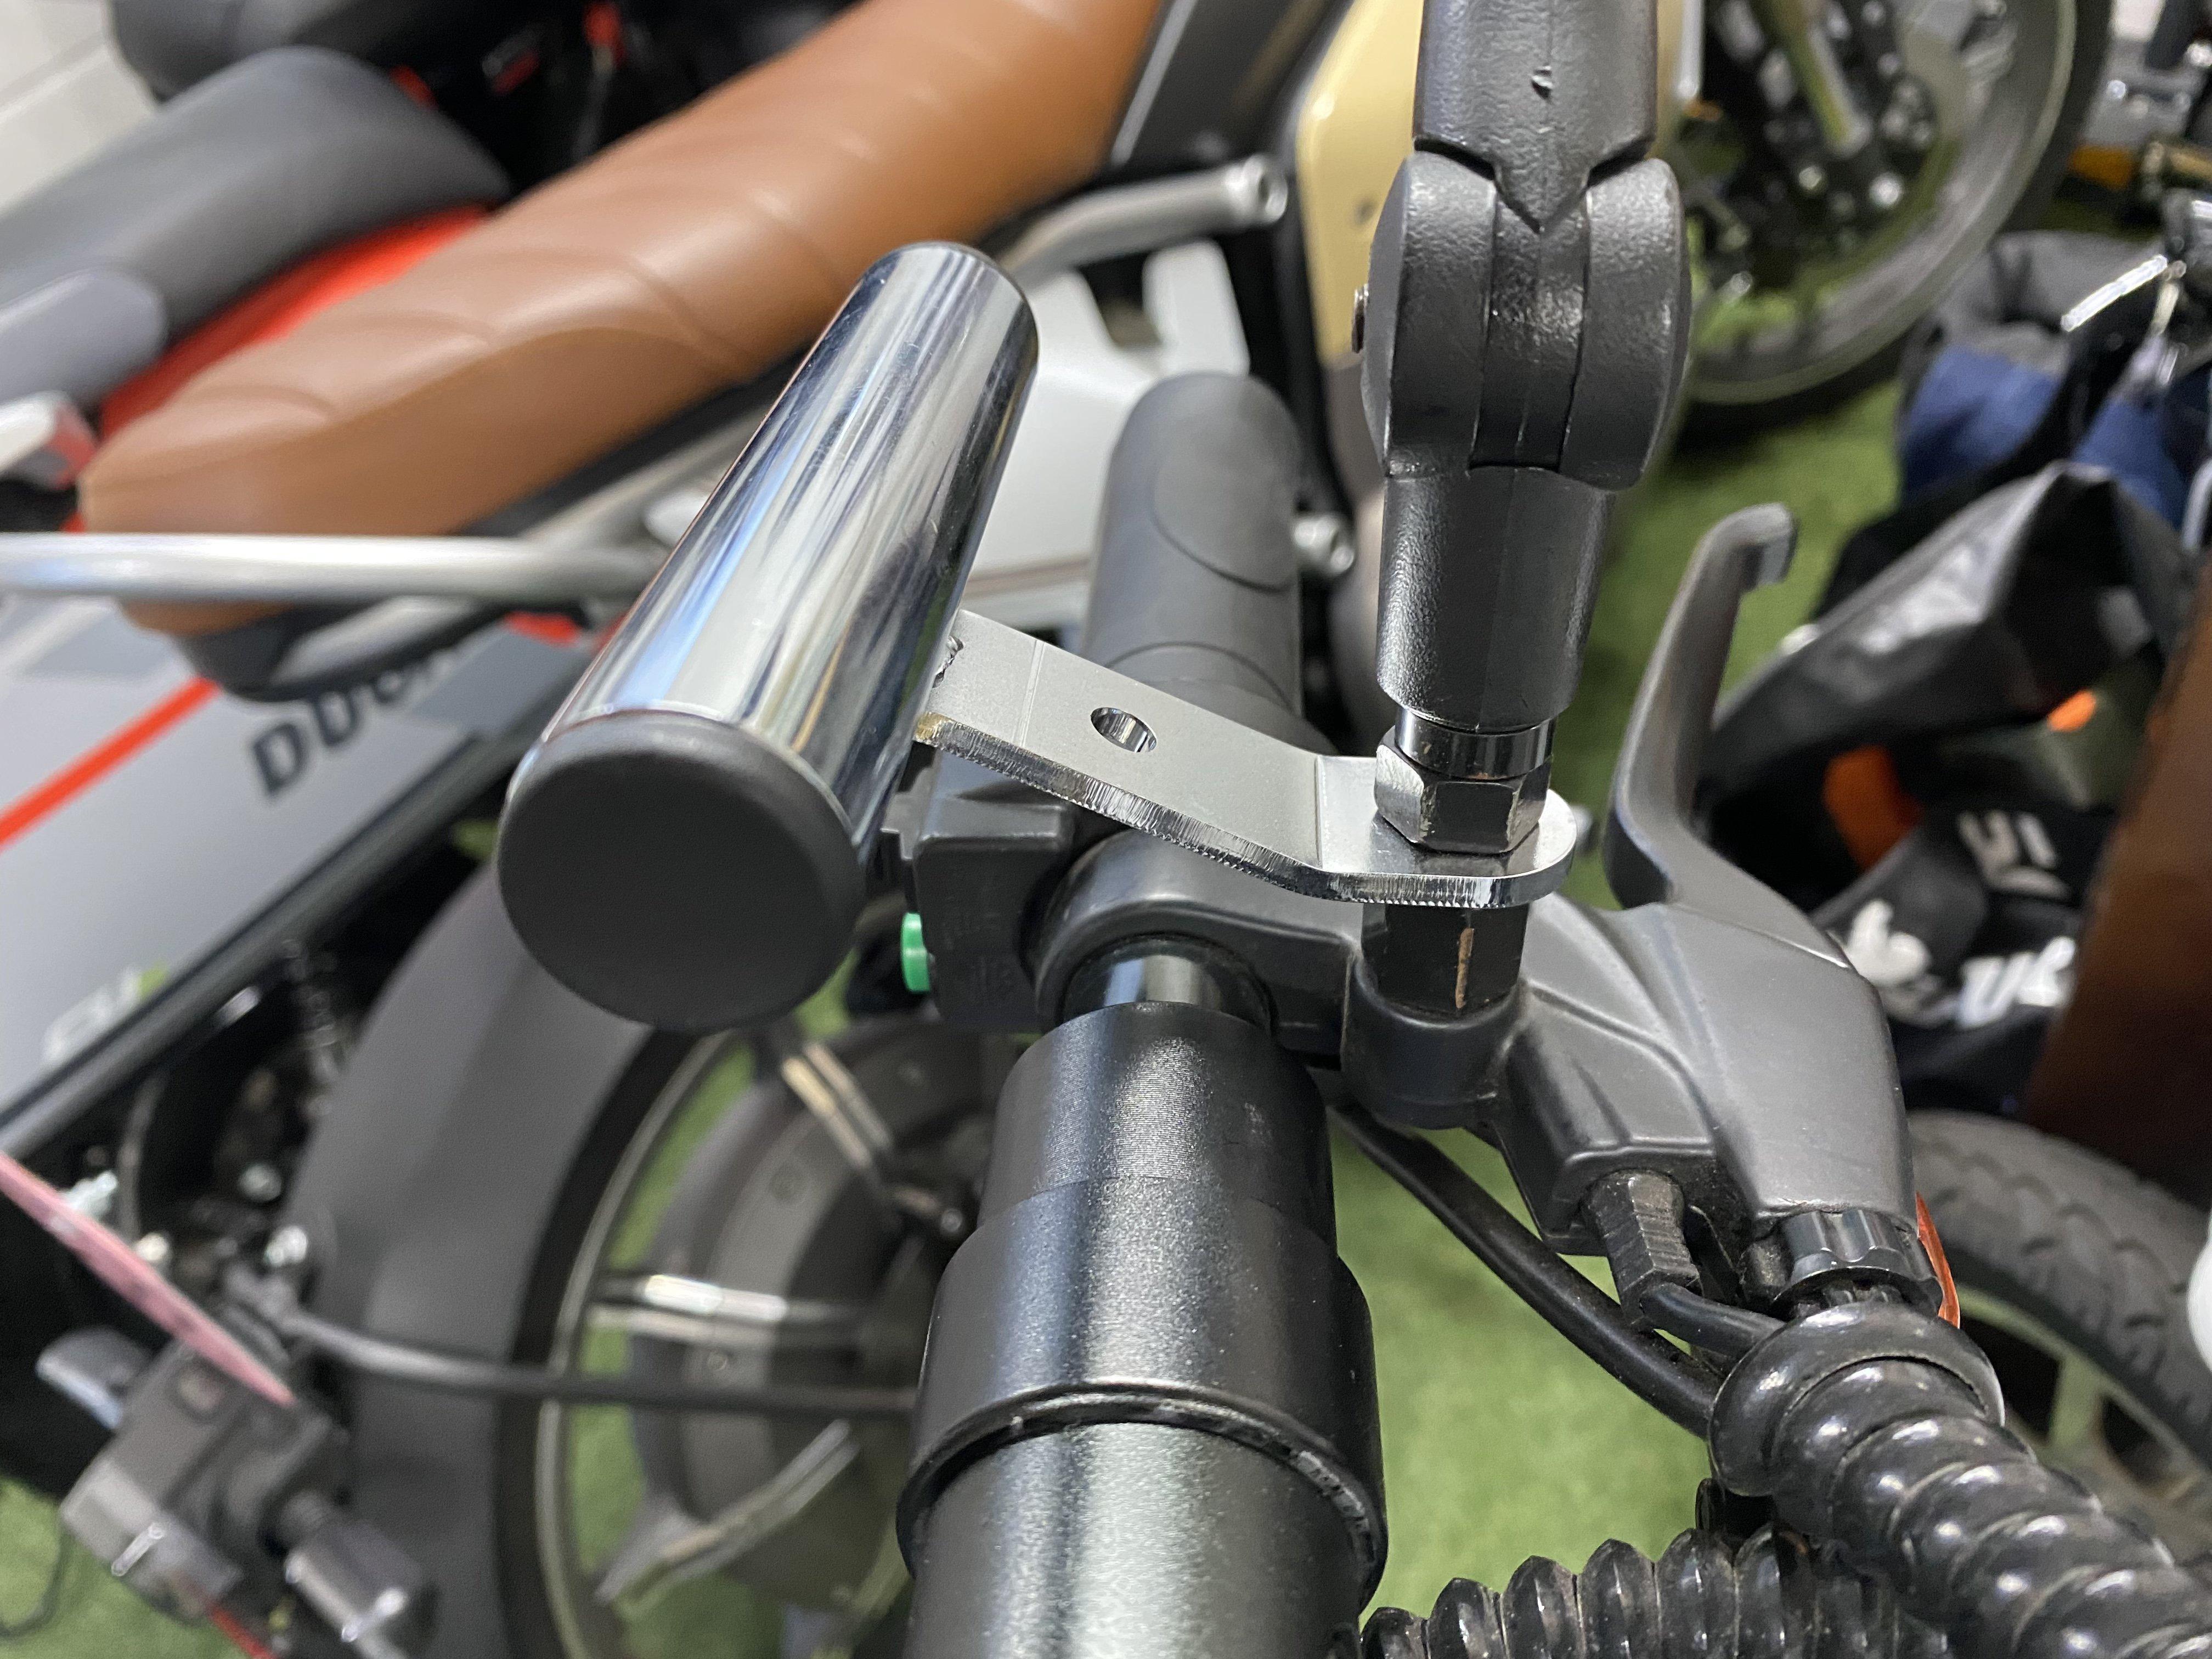 デイトナ バイク用 クランプバー ミラー用(M10/M8対応) マルチバーホルダー 100mm(カラー ブラック)のイメージその2